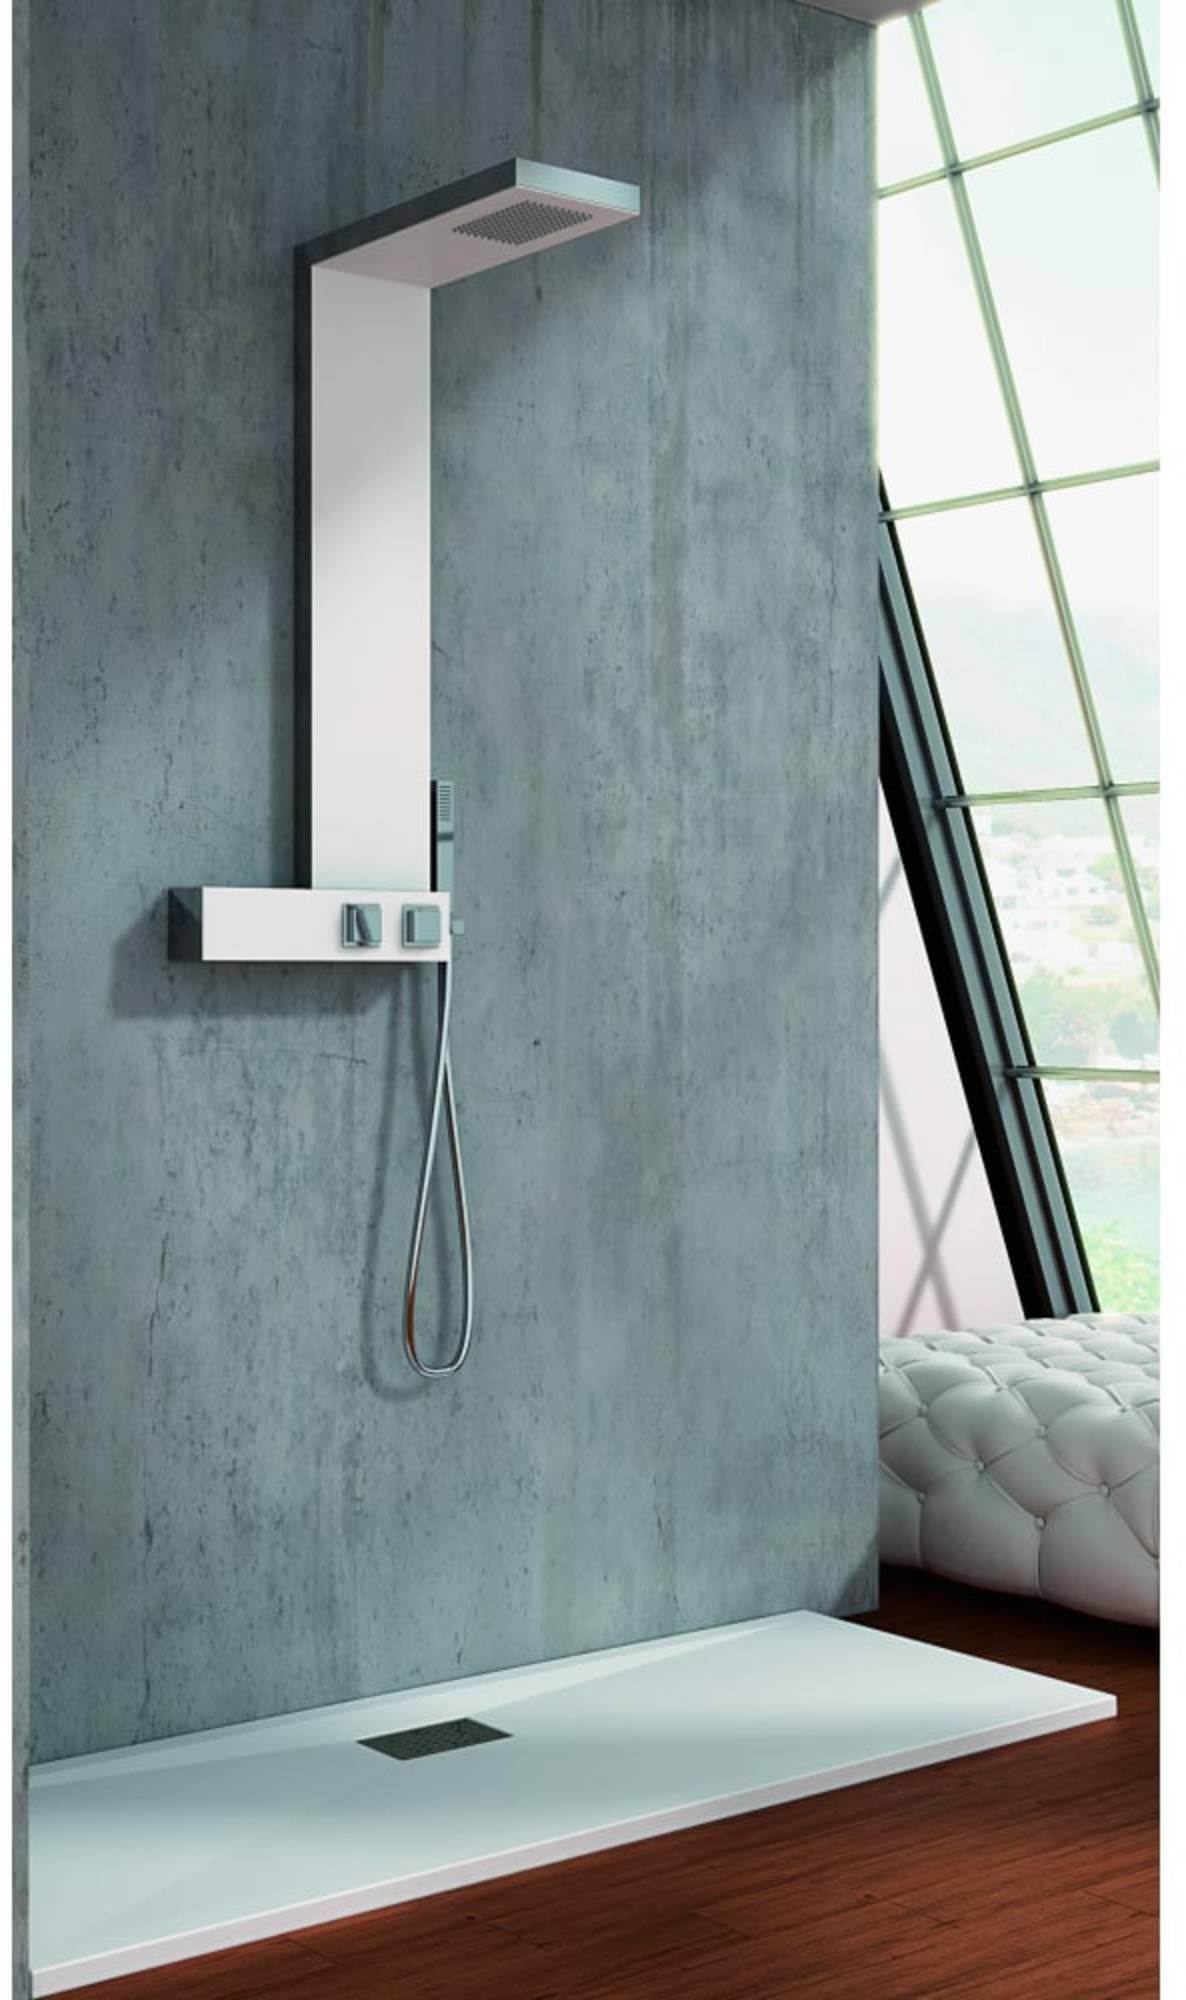 Productafbeelding van Kinedo Aquadesign douchepaneel met thermostaat